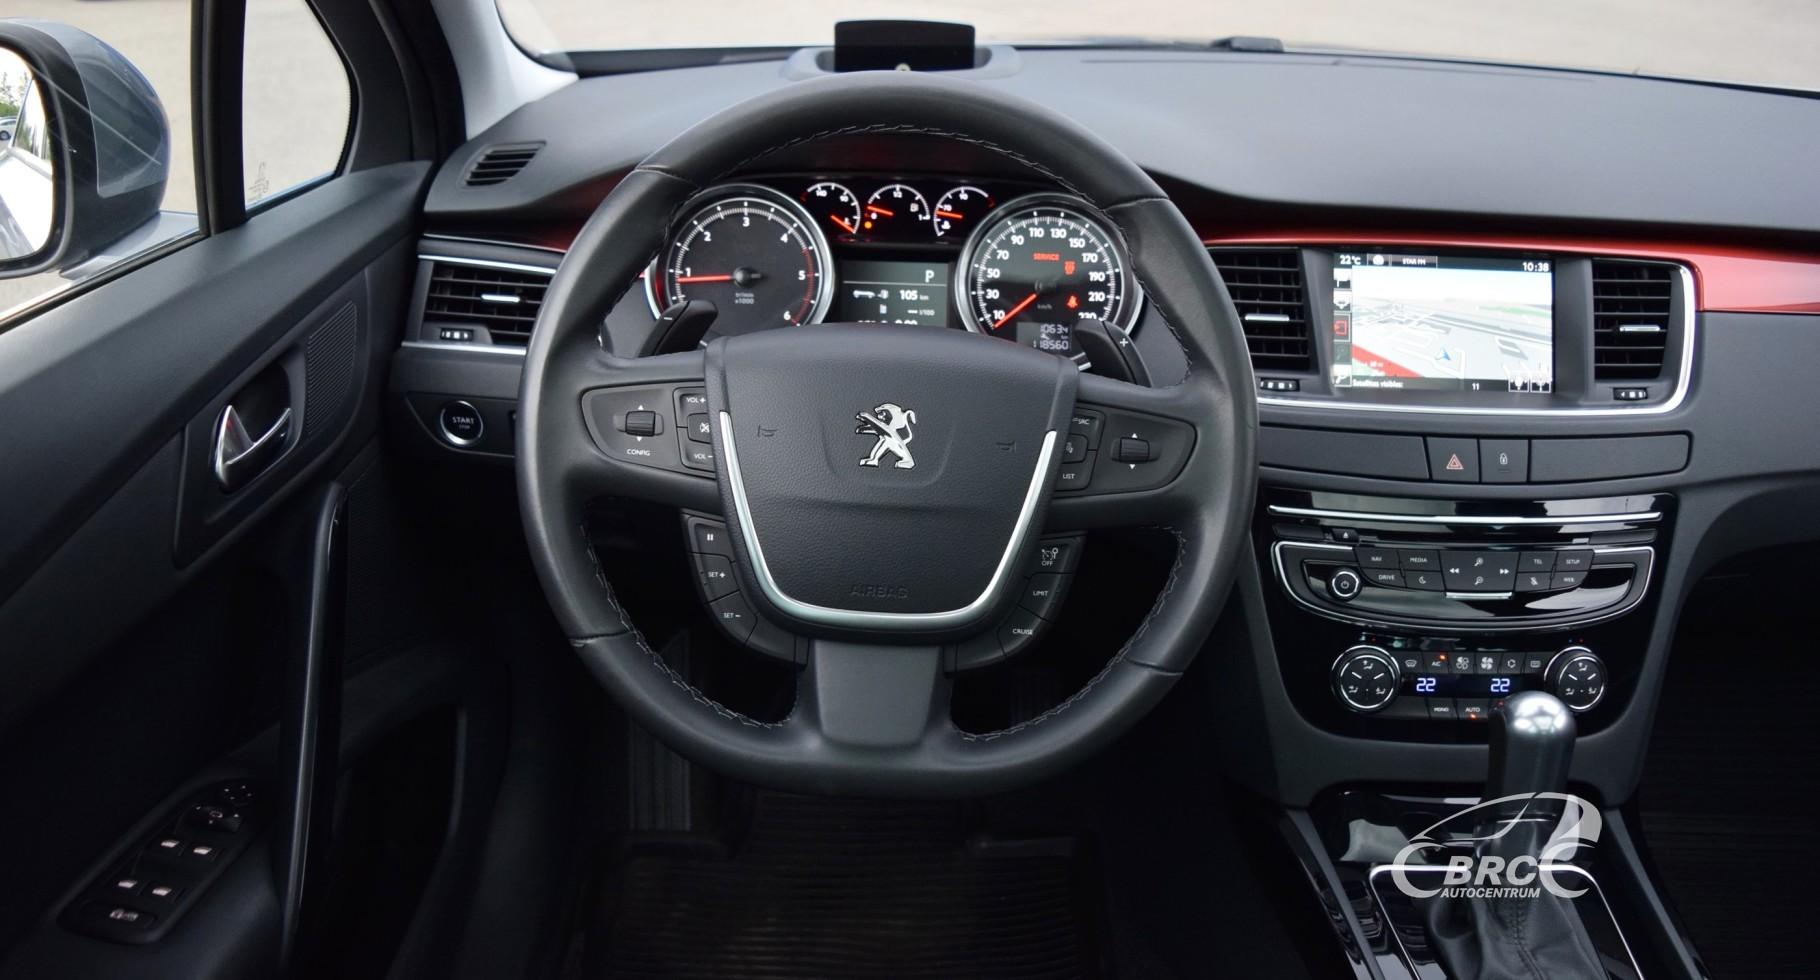 Peugeot 508 RXH Blue HDi